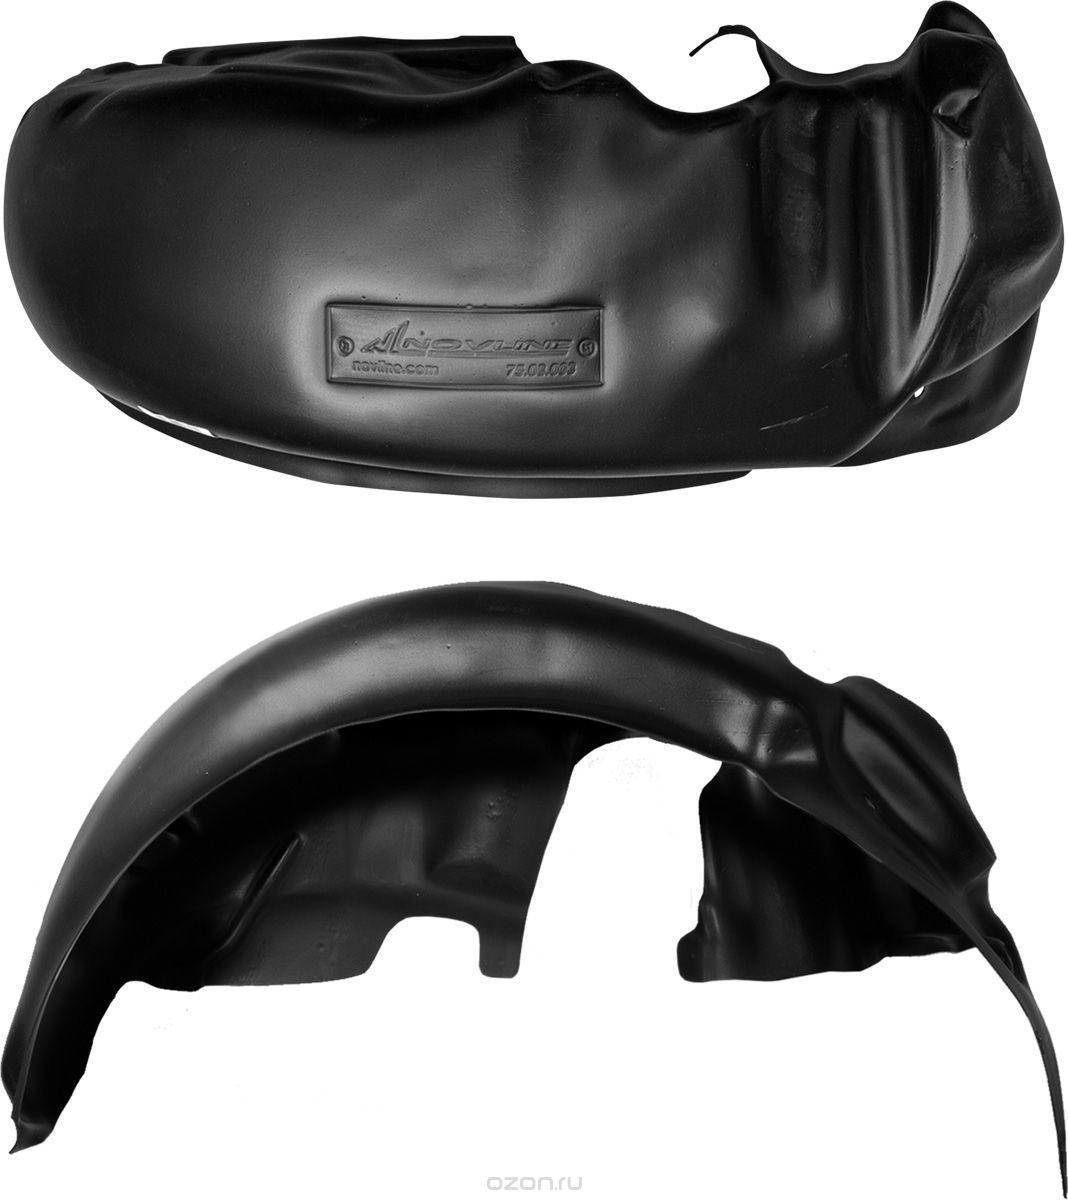 Подкрылок Novline-Autofamily, для Peugeot Boxer, 2006->, с расширителями арок, передний правыйNLL.38.13.002Идеальная защита колесной ниши. Локеры разработаны с применением цифровых технологий, гарантируют максимальную повторяемость поверхности арки. Изделия устанавливаются без нарушения лакокрасочного покрытия автомобиля, каждый подкрылок комплектуется крепежом. Уважаемые клиенты, обращаем ваше внимание, что фотографии на подкрылки универсальные и не отражают реальную форму изделия. При этом само изделие идет точно под размер указанного автомобиля.